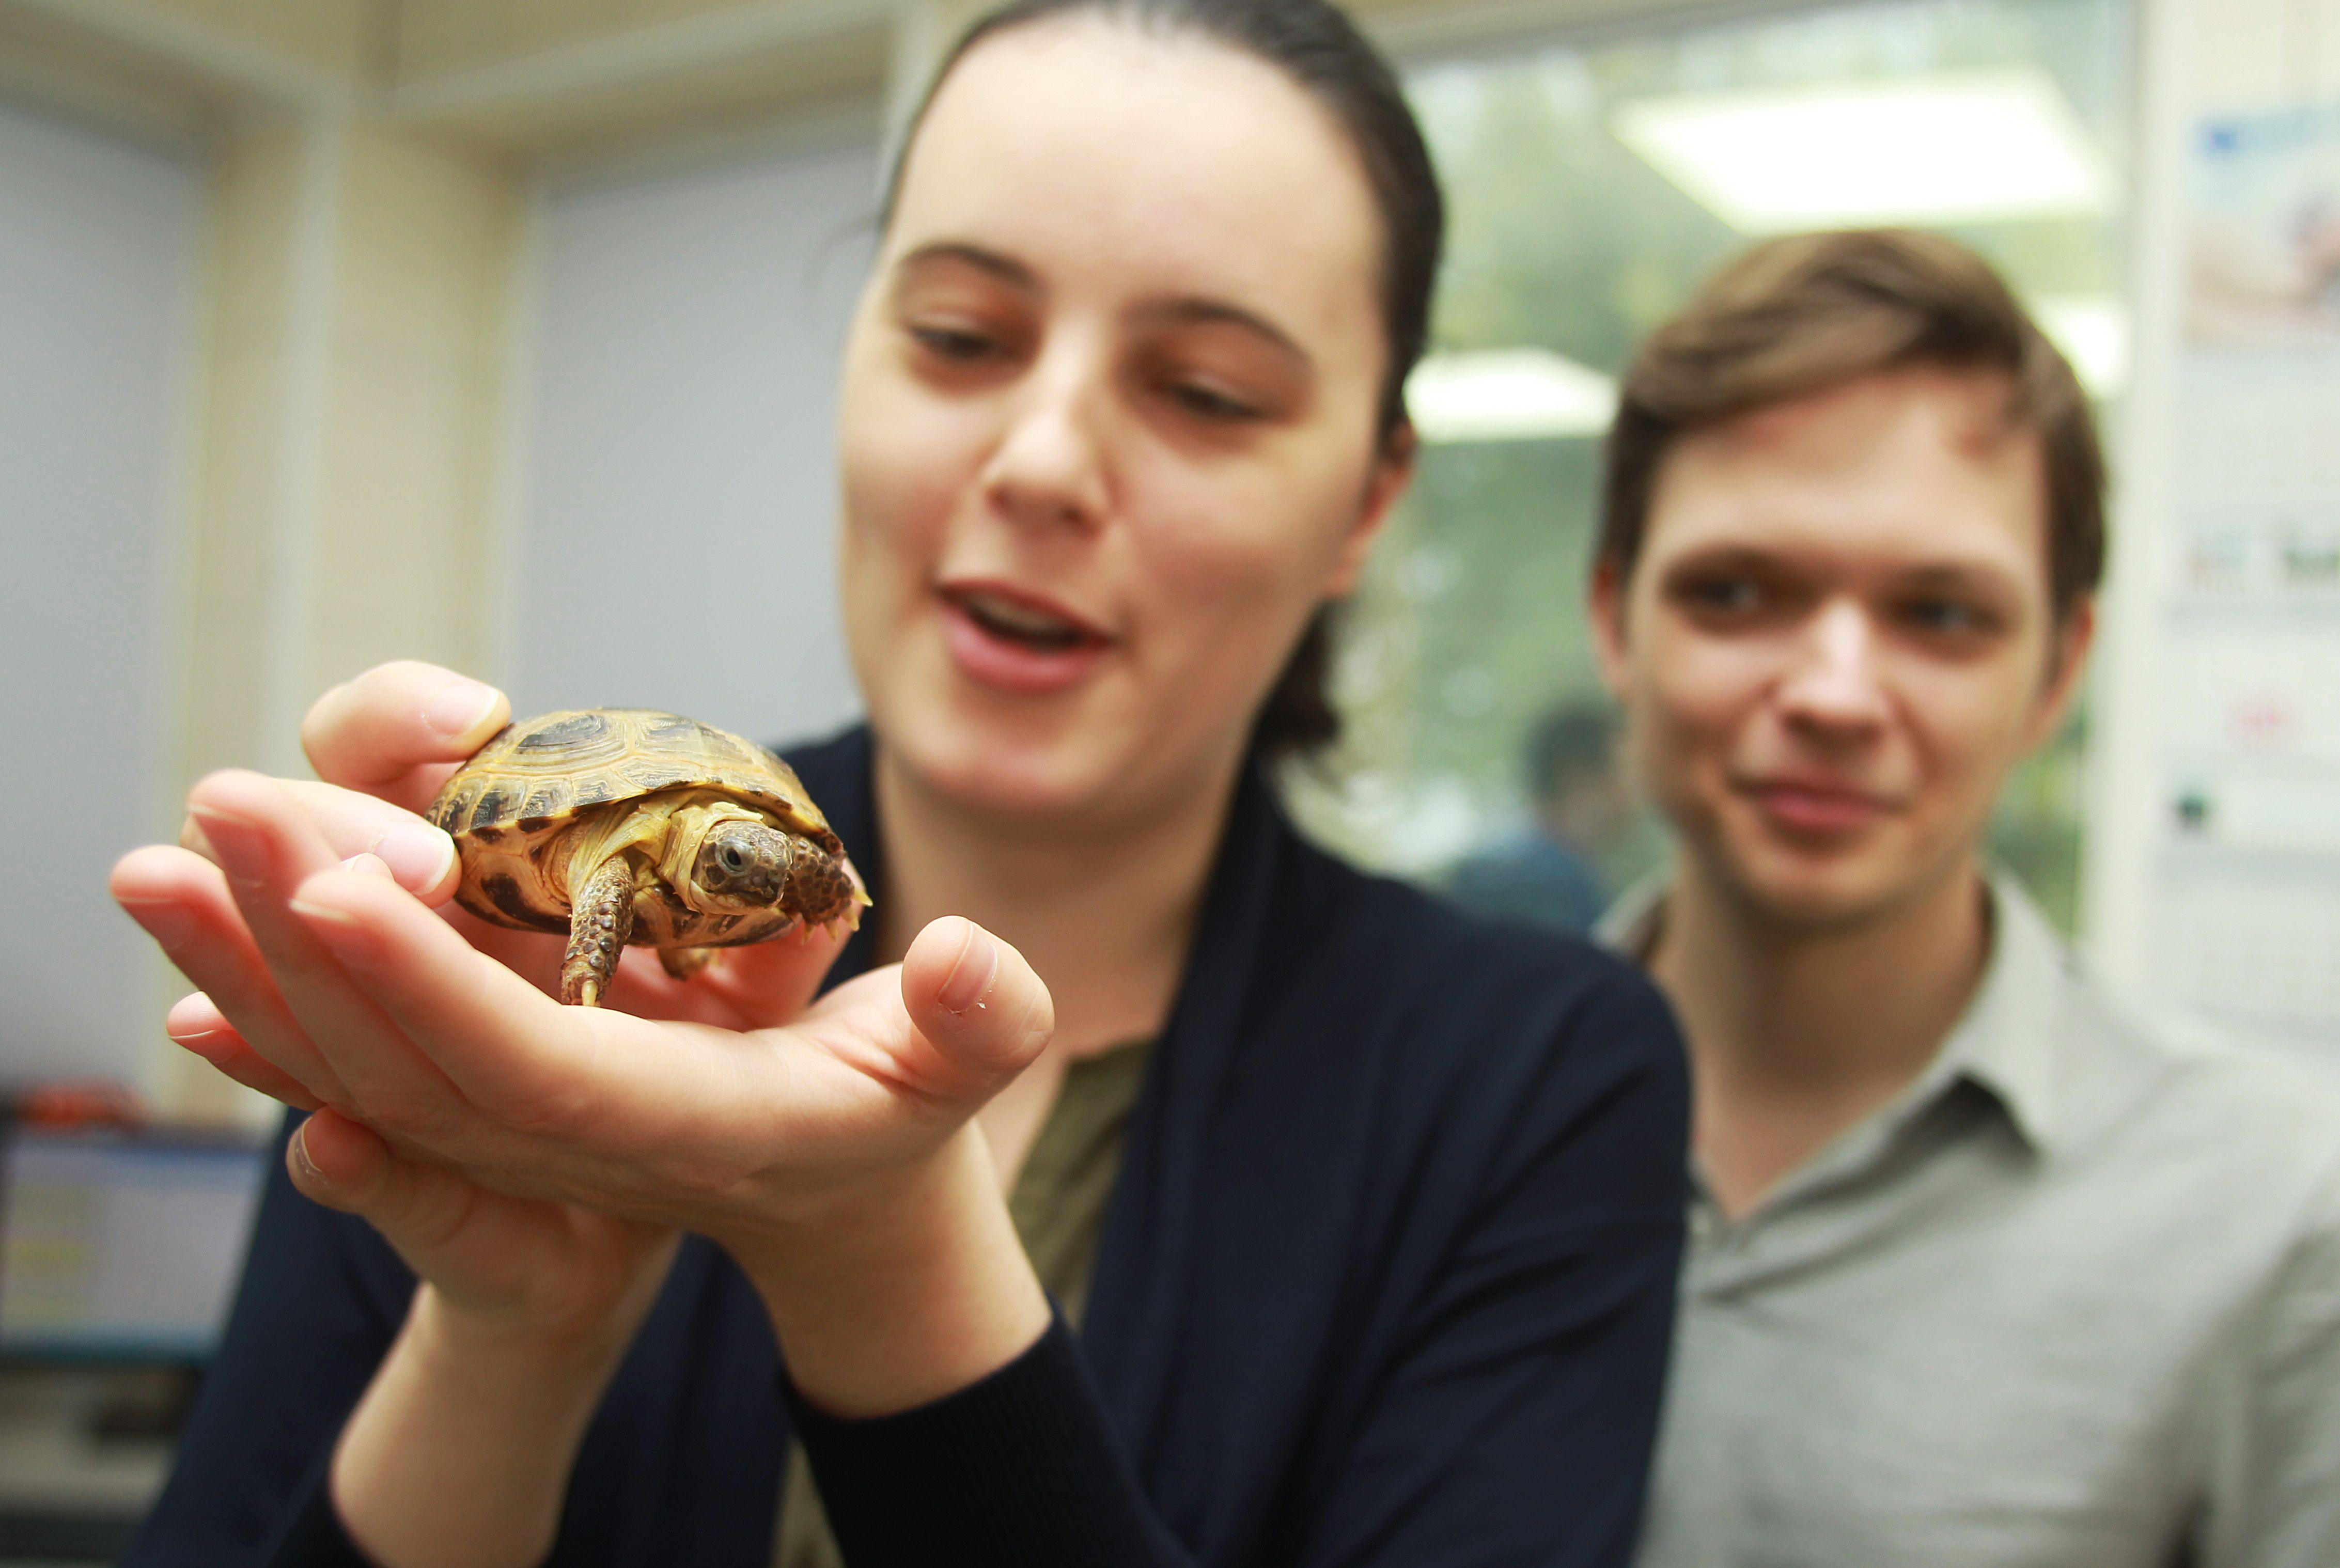 Москвичей призвали не выпускать домашних черепах в водоемы. Фото: Наталия Нечаева